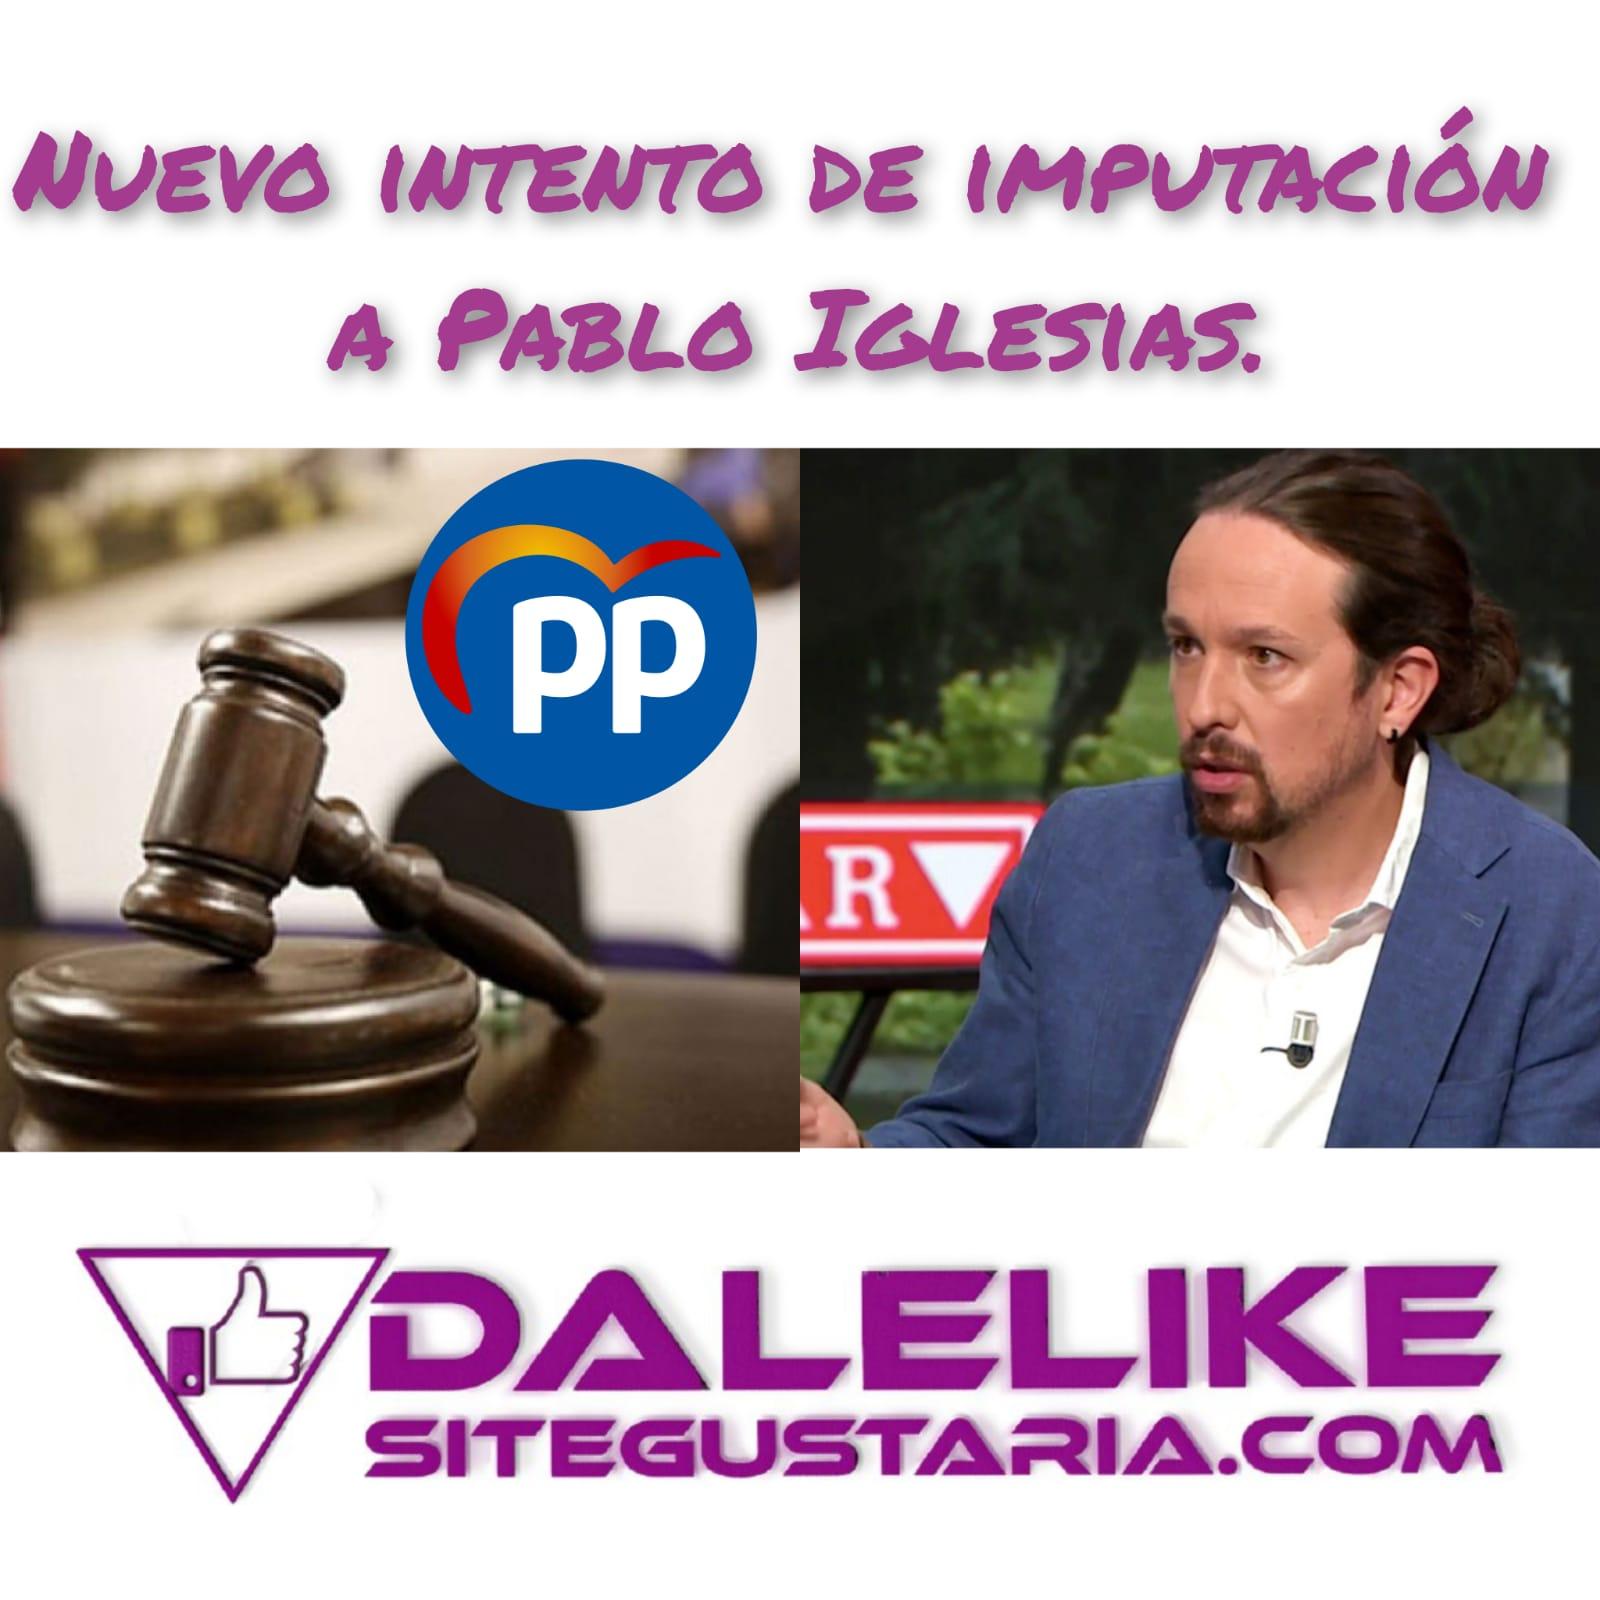 Operación fulminar a Pablo Iglesias.